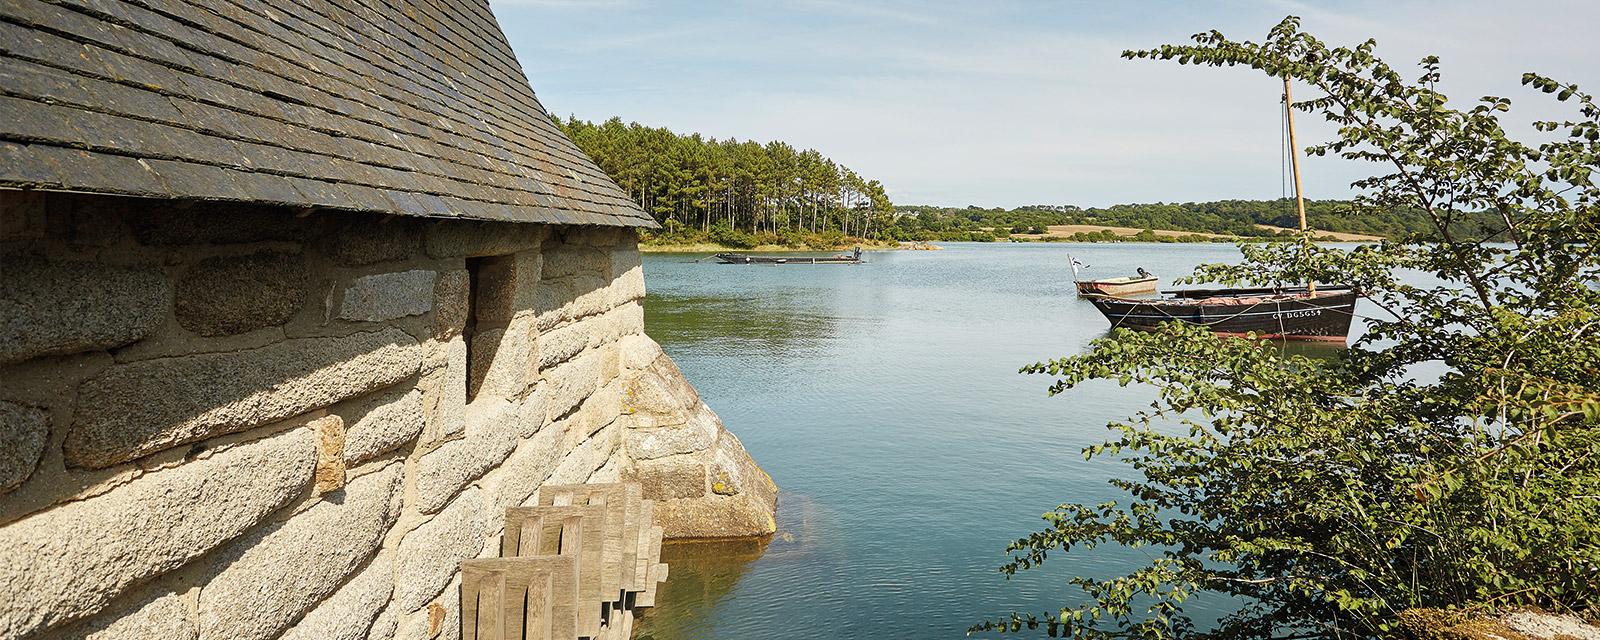 Le moulin à marée du Hénan